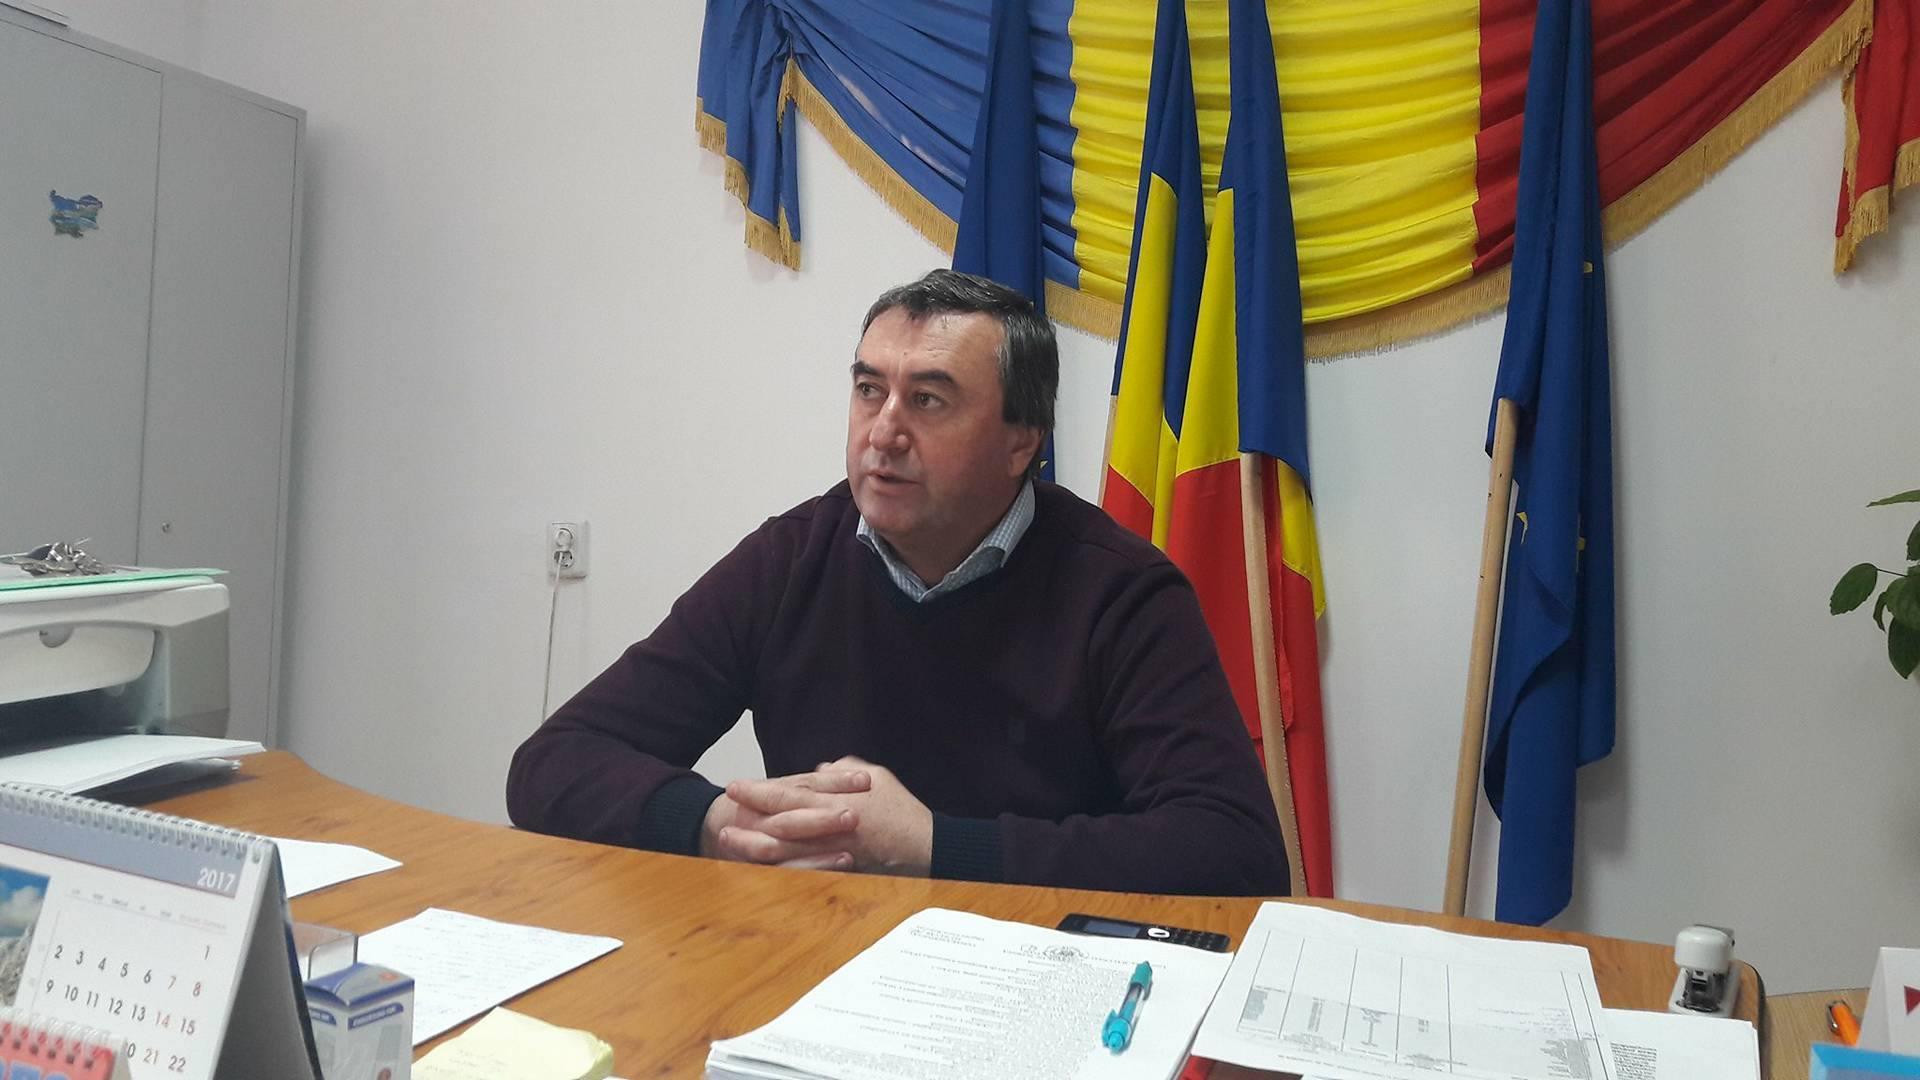 Primăria oraşului Bălceşti va achiziţiona tablete cu bani europeni pentru elevii și profesorii orașului